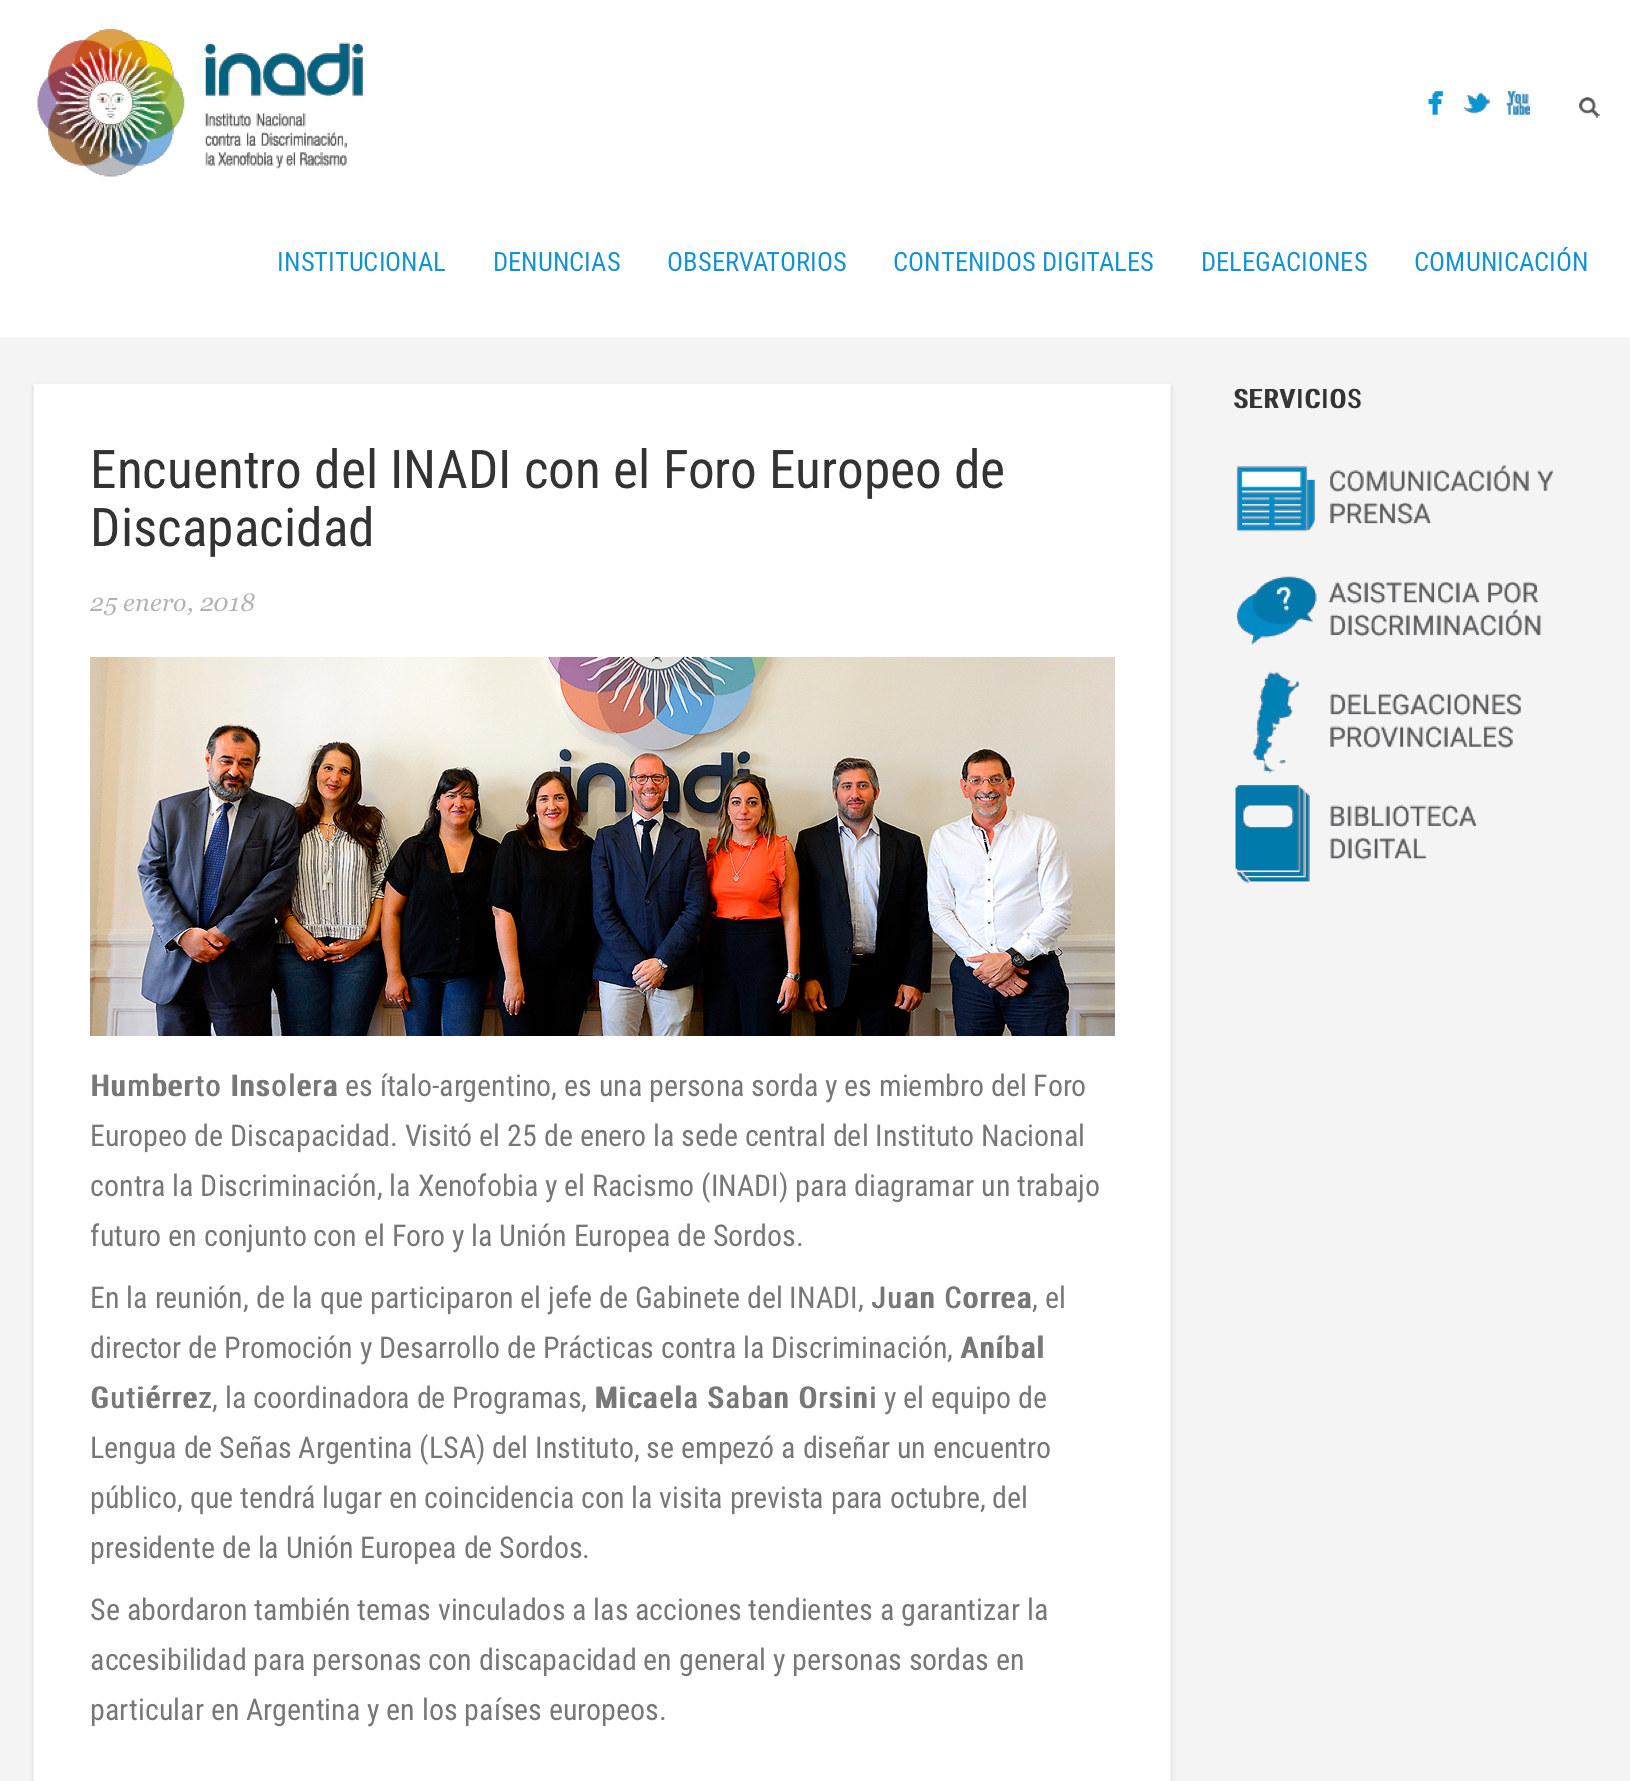 4. EDF & Internat Coop Encuentro_del_INADI_con_el_Foro_Europeo_